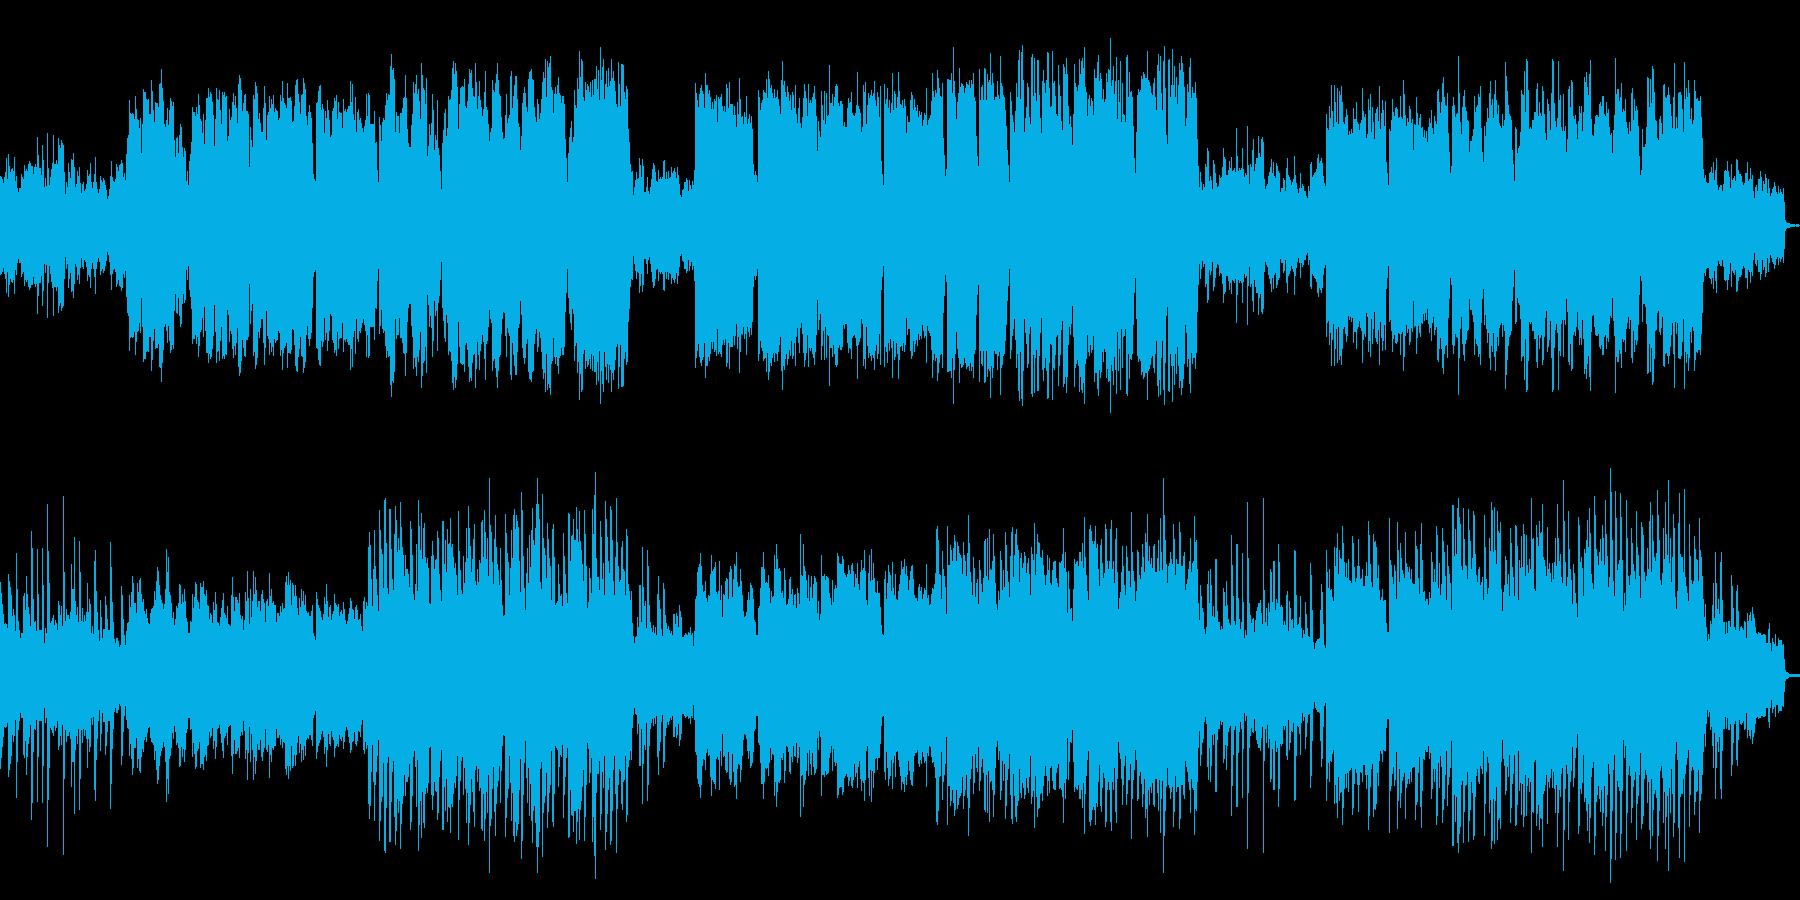 ピアノ中心の哀愁感漂うメロディアスワルツの再生済みの波形